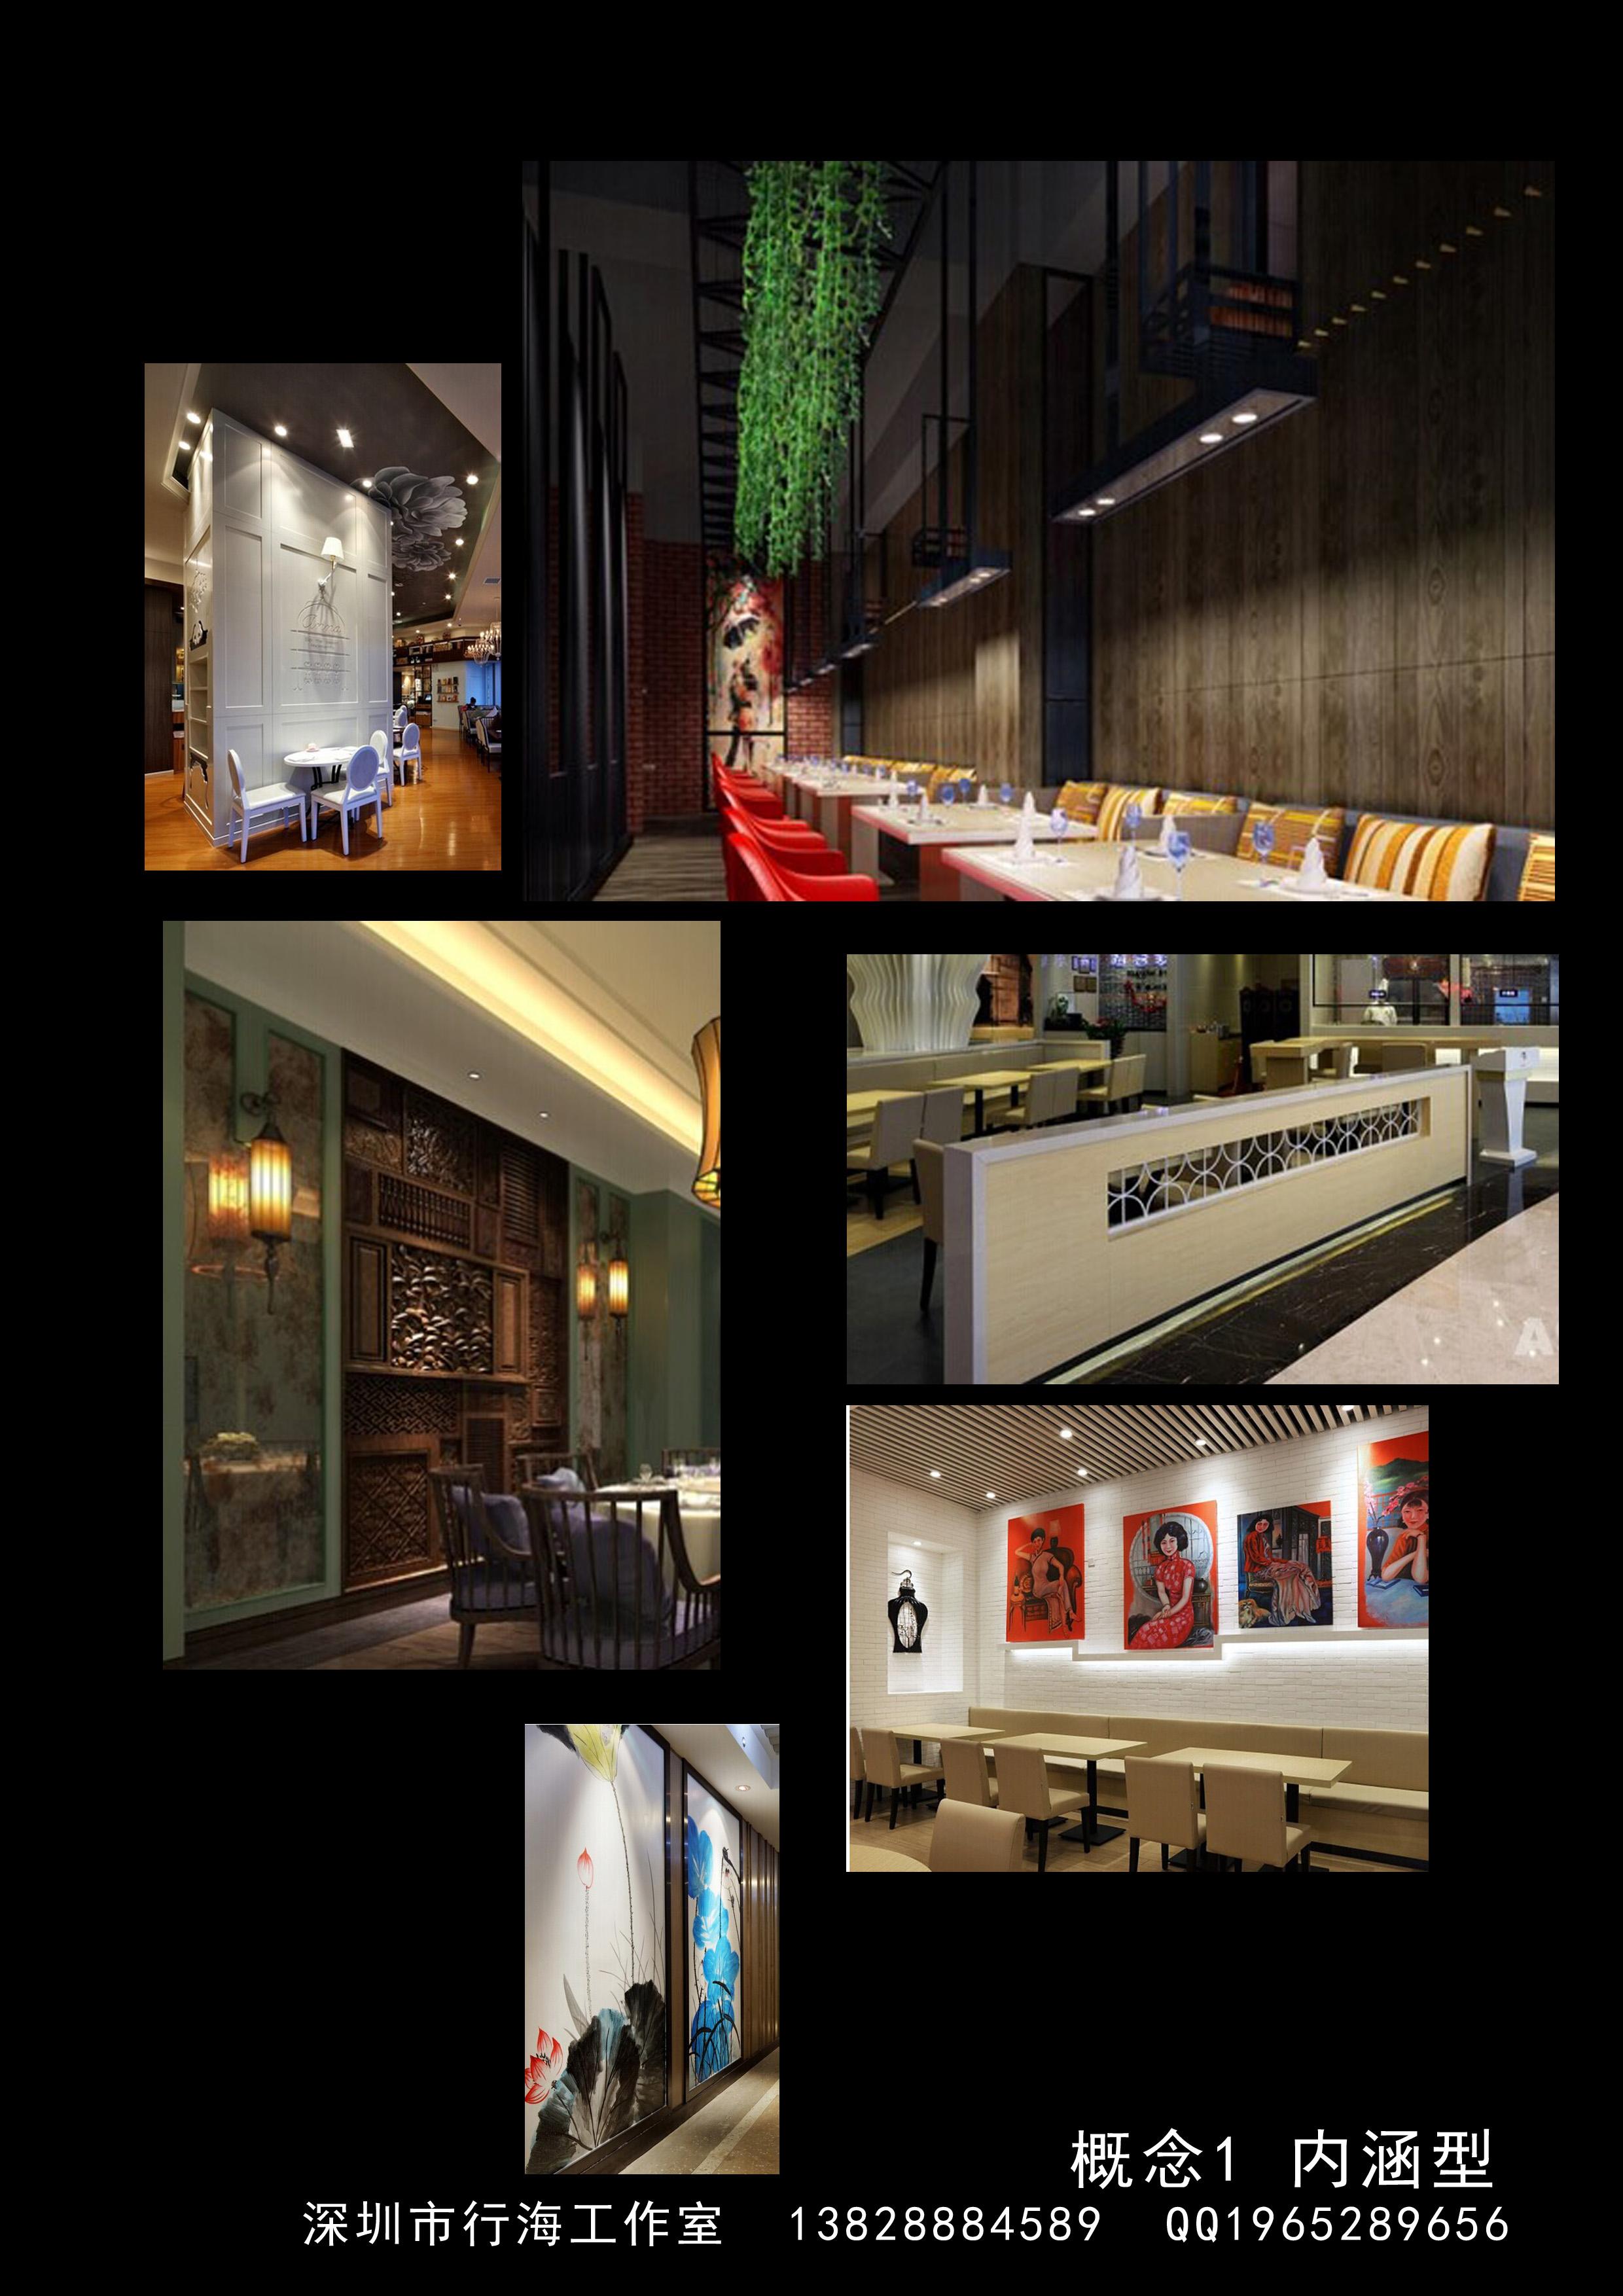 精品內涵主題餐廳設計效果圖